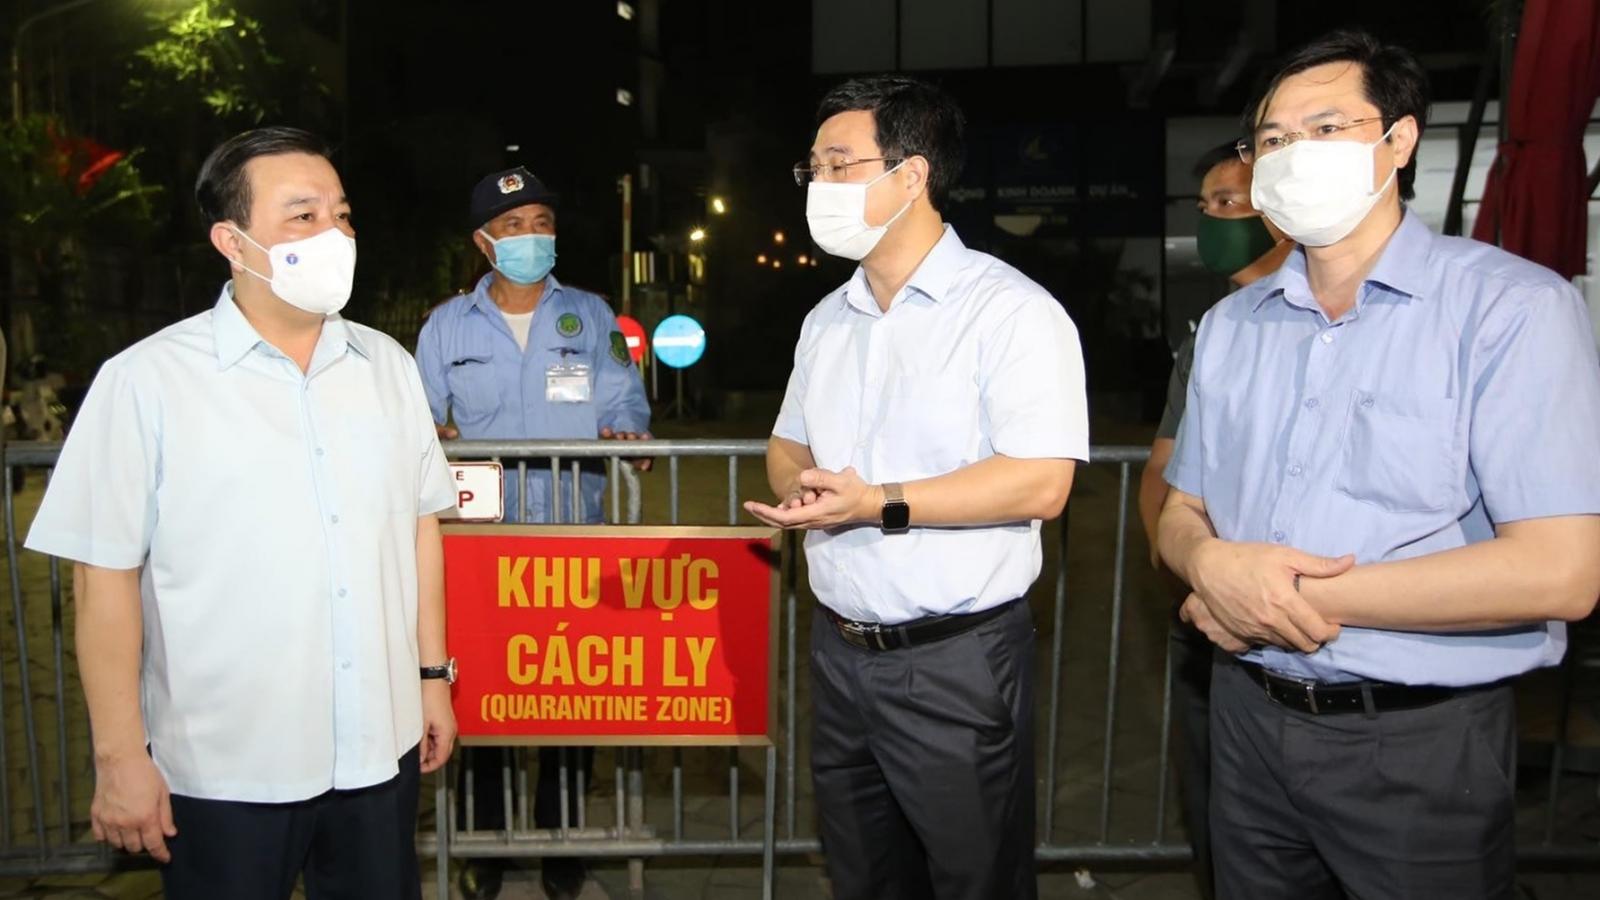 Phó Chủ tịch Hà Nội kiểm tra khu vực có ca mắc Covid-19 tại quận Hoàng Mai